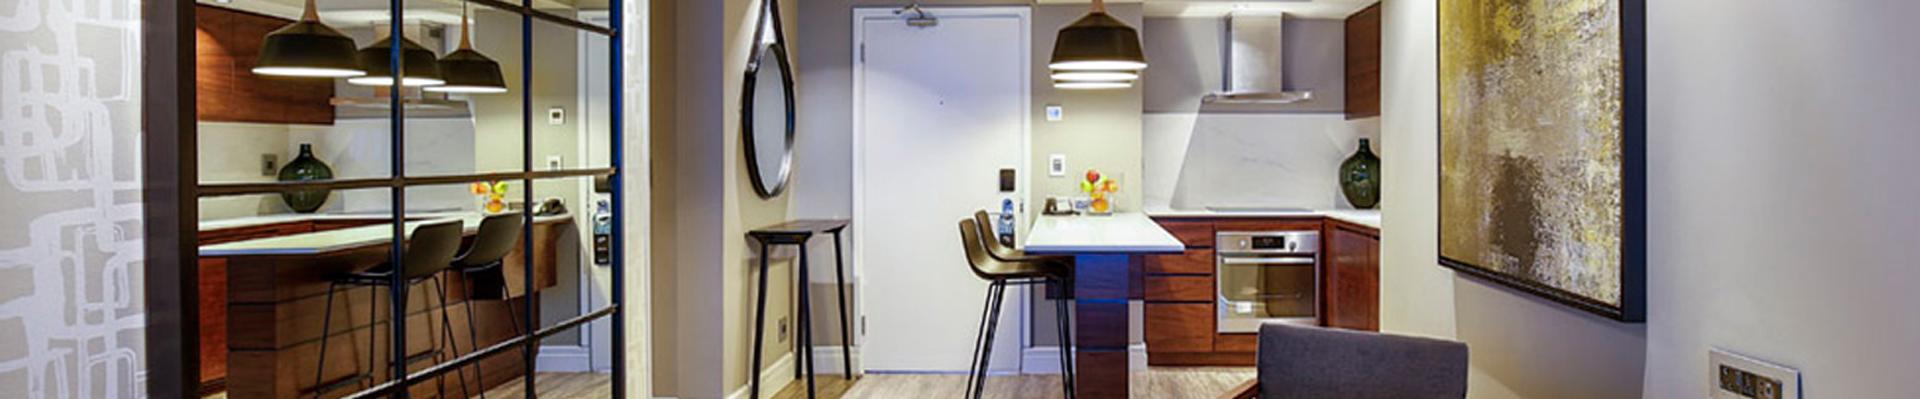 Interior Design in Johannesburg by Blacksmith Africa Interior